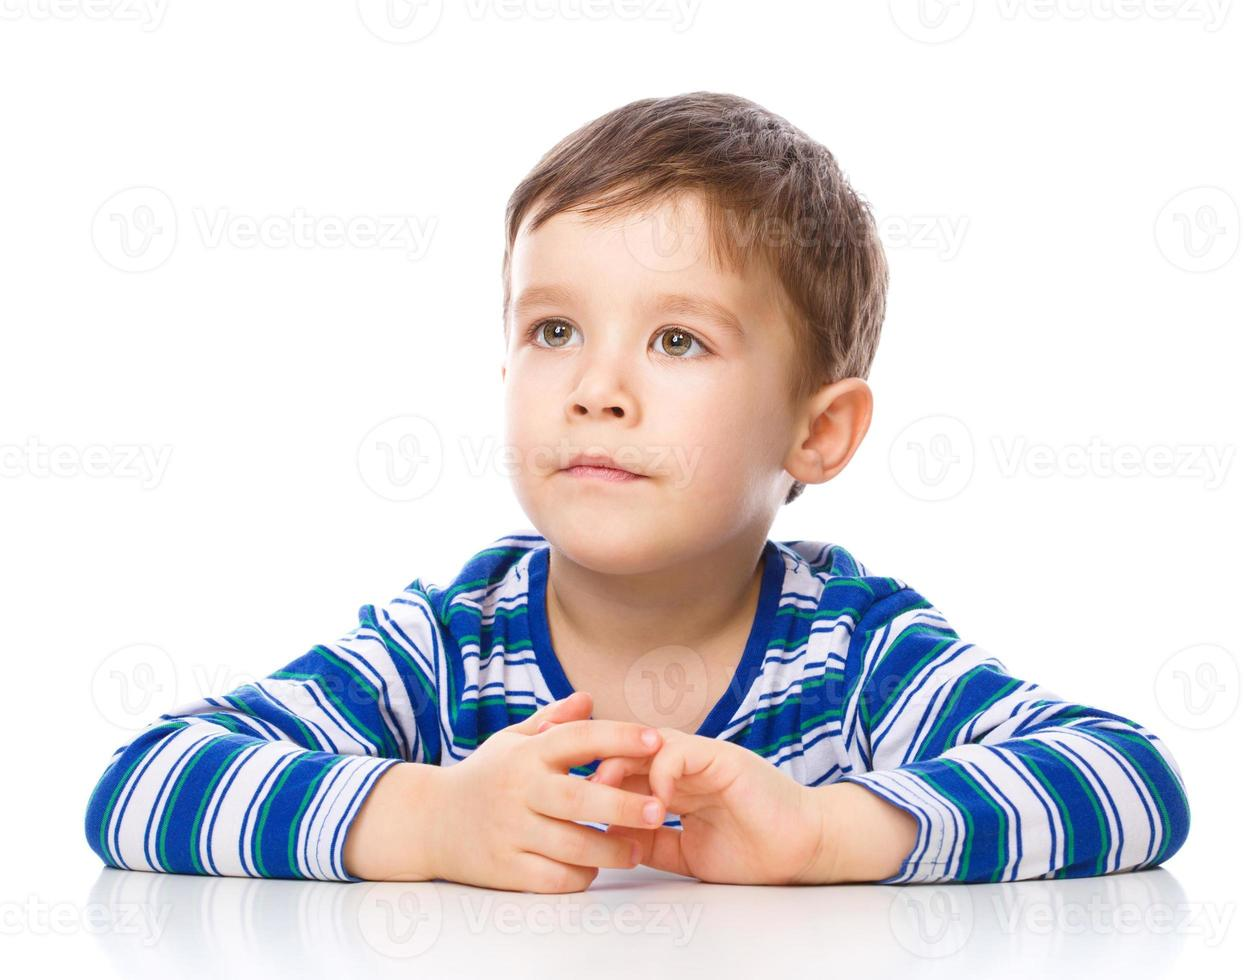 porträtt av en trevlig glad pojke foto